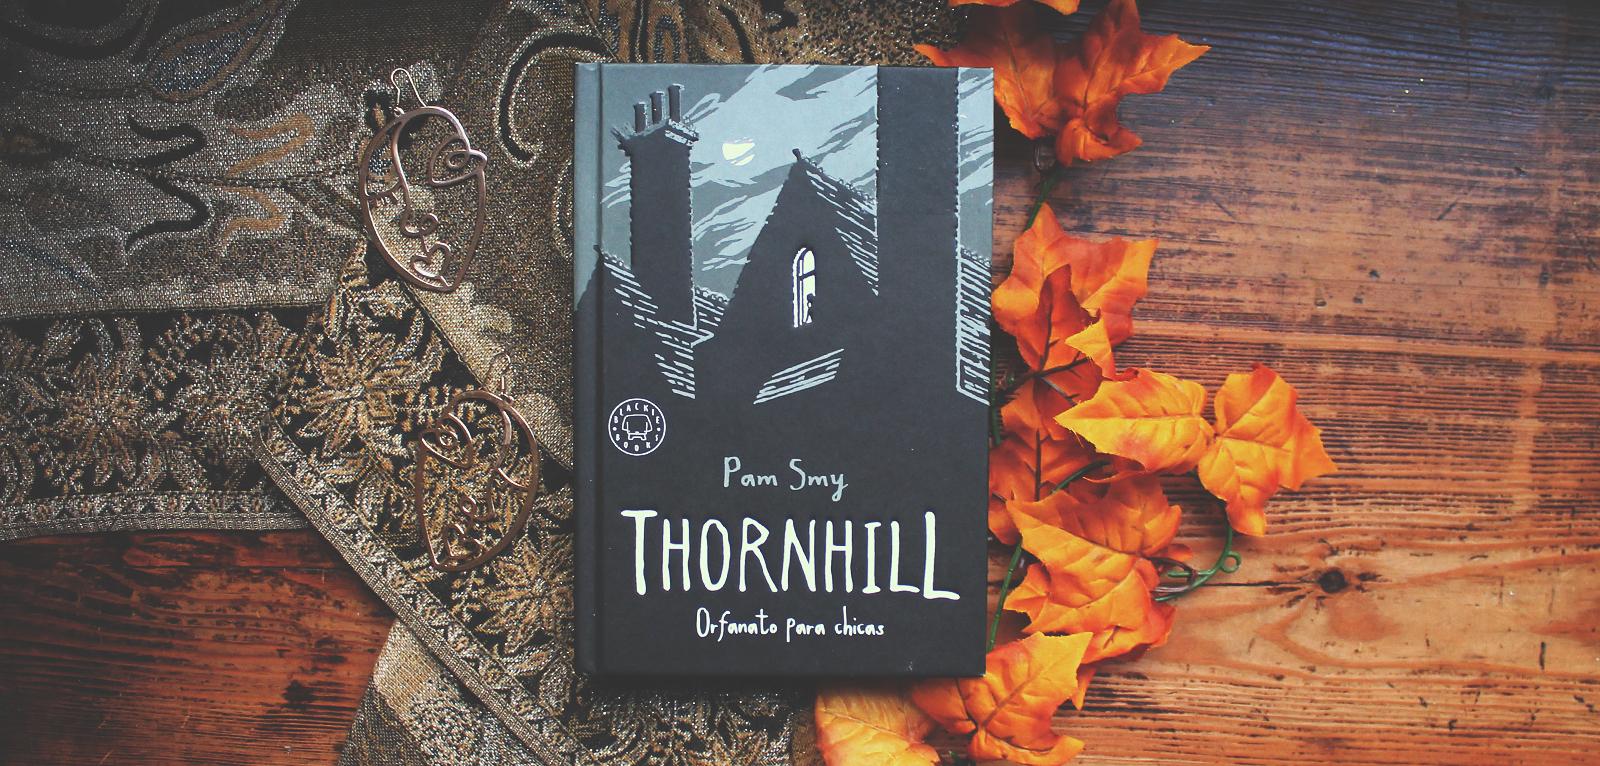 Thornhill · Pam Smy